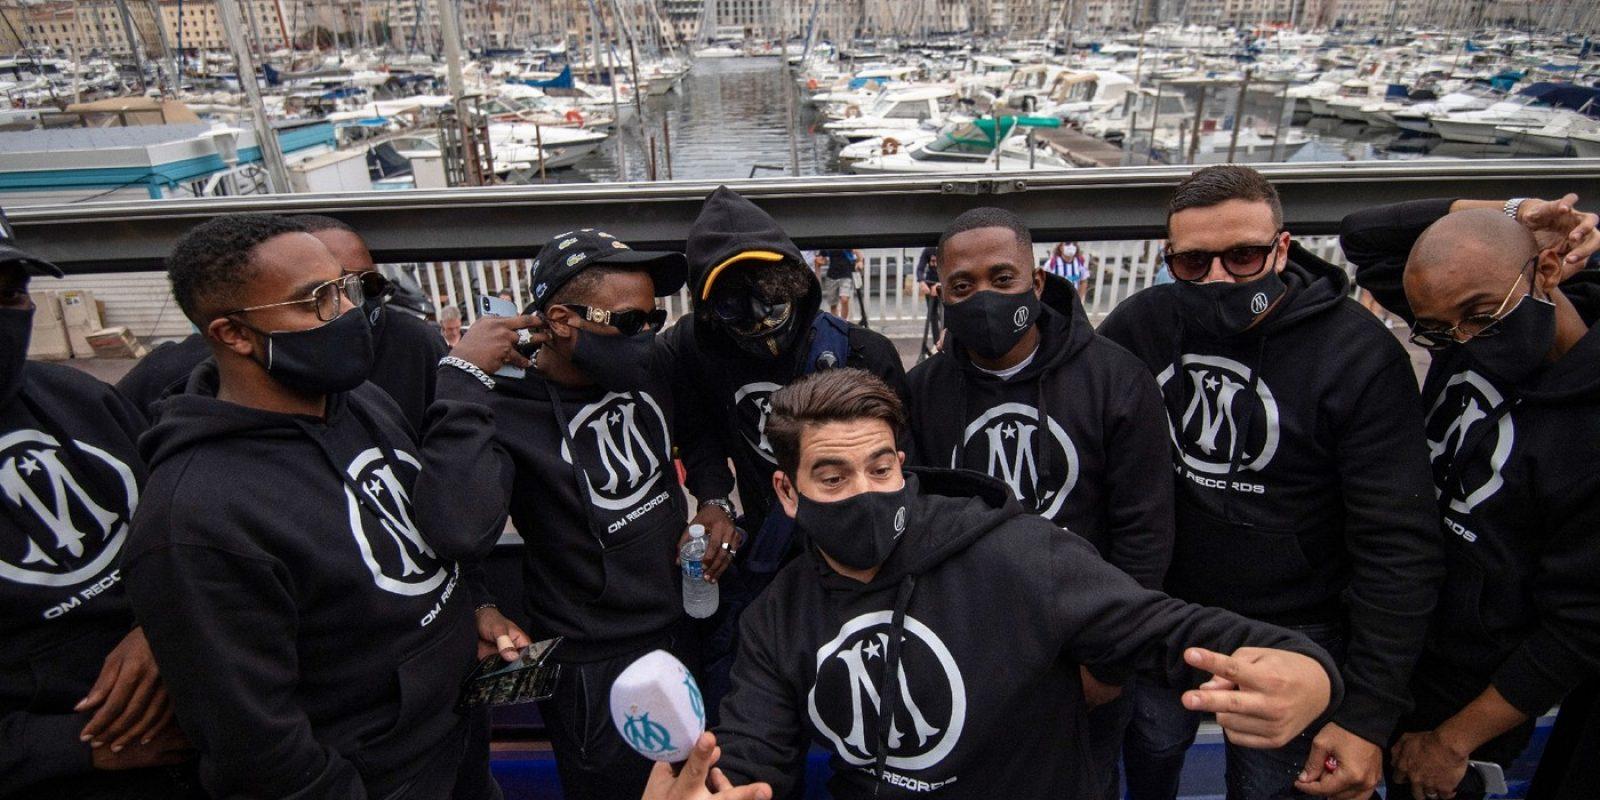 rappeurs-Marseille-imperialele-lancement-nouveau-label-OM-Records-Olympique-Marseille-Marseille-24-septembre-2020_1_1400_933